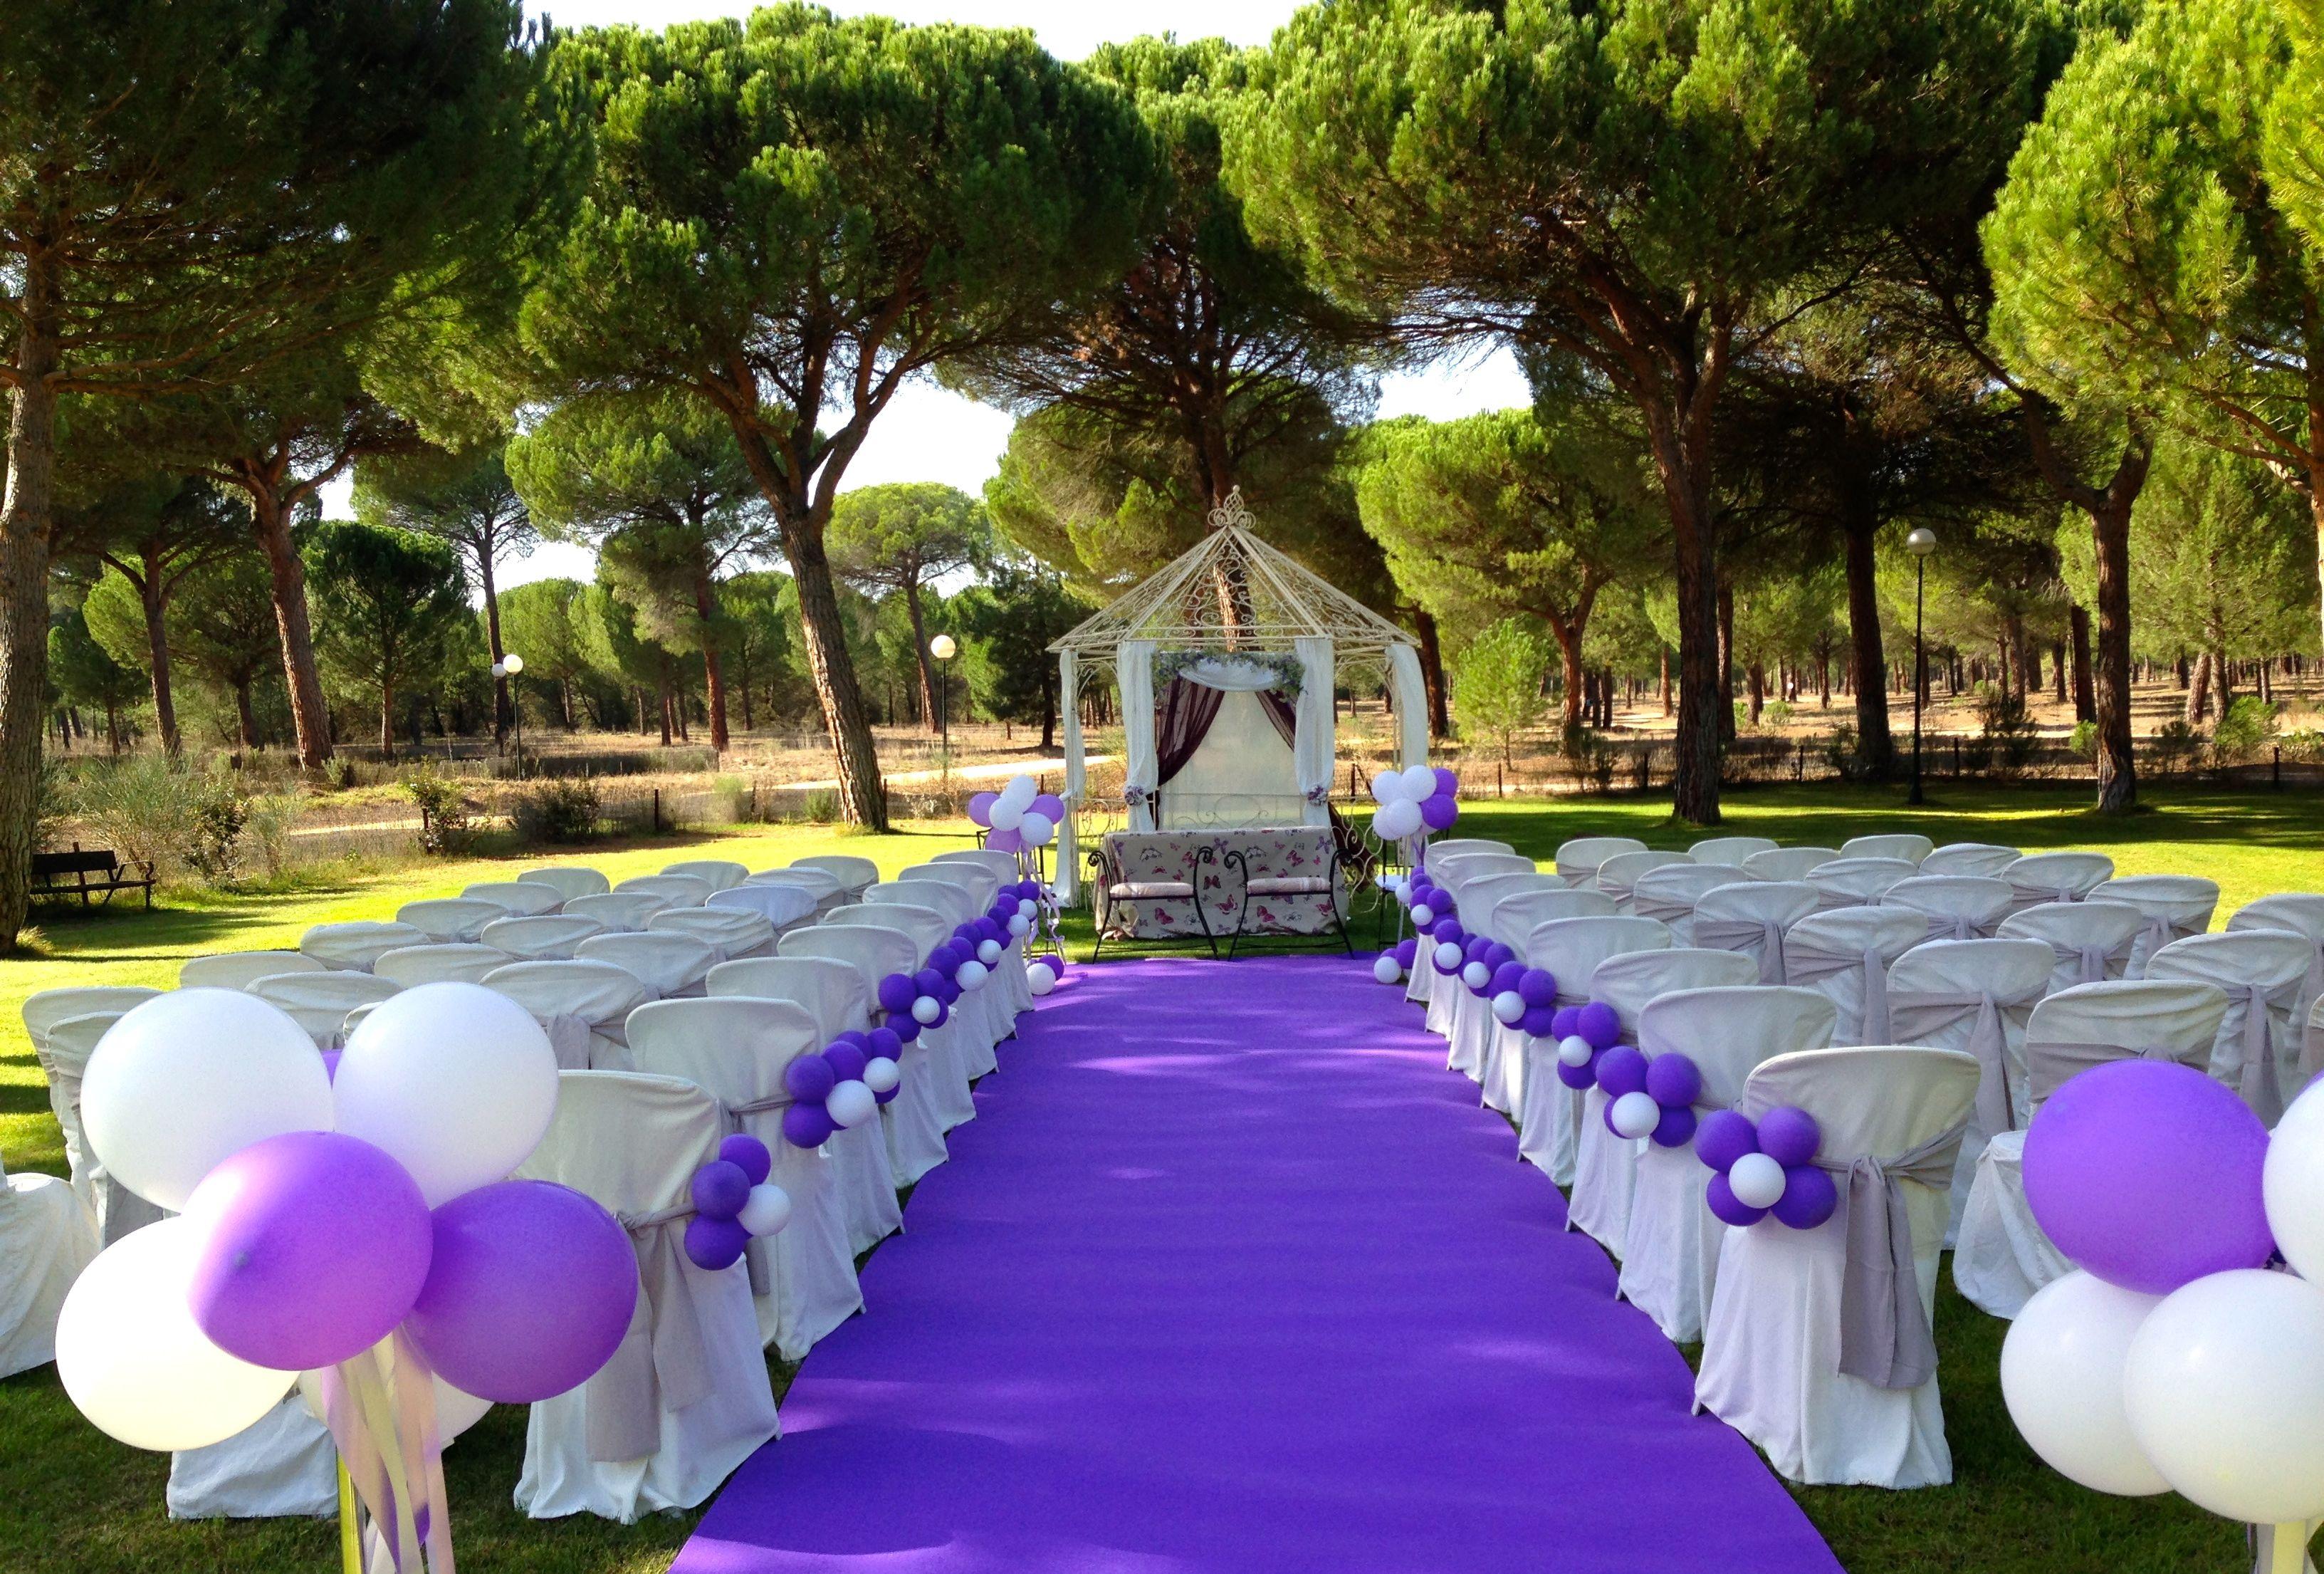 La boda de conchi y julio la posada real del pinar - Decoracion jardin boda civil ...